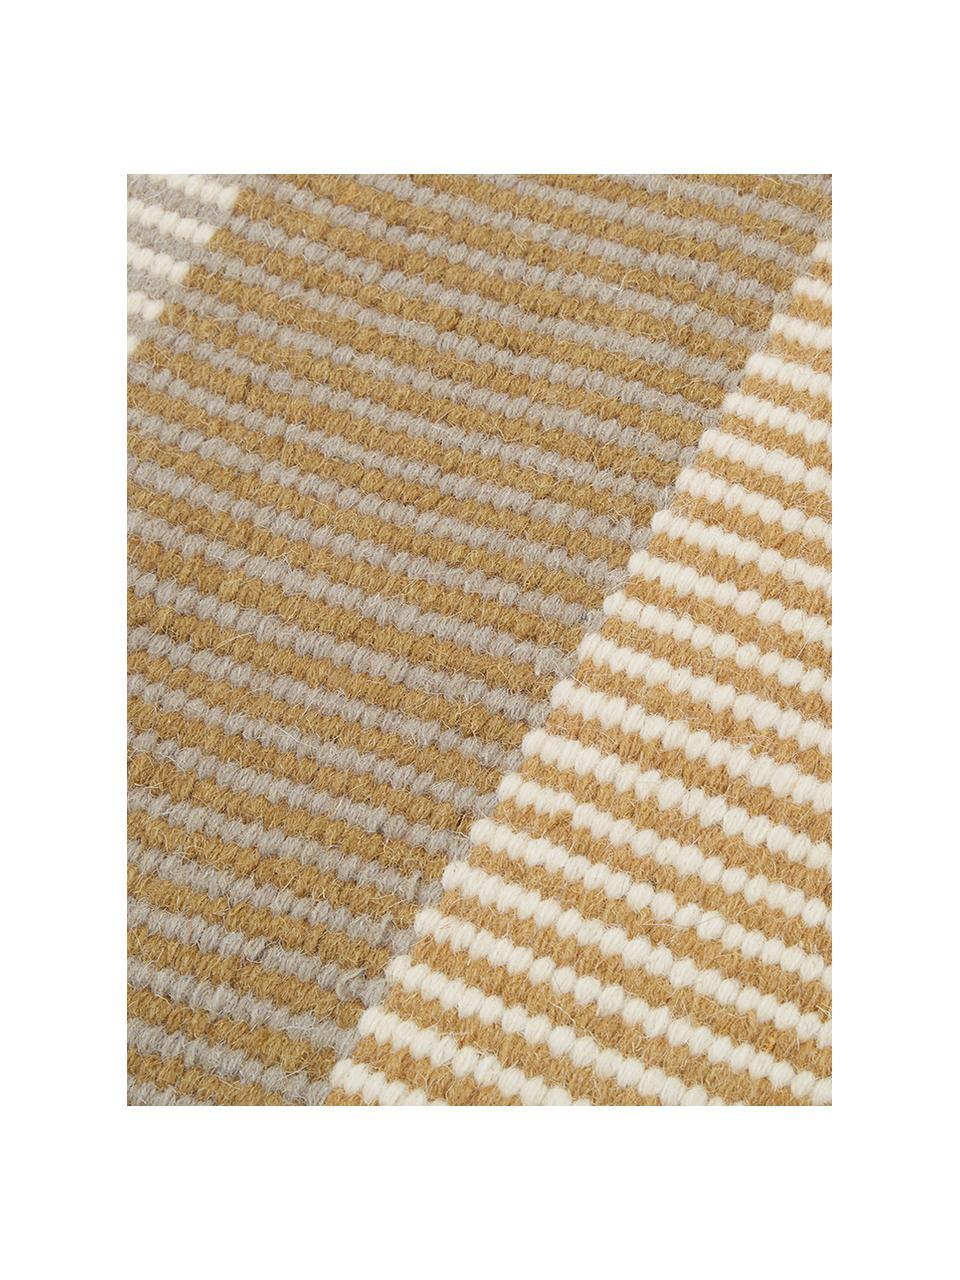 Gestreept handgeweven kelim vloerkleed Devise van wol, Multicolour, B 200 x L 300 cm (maat L)